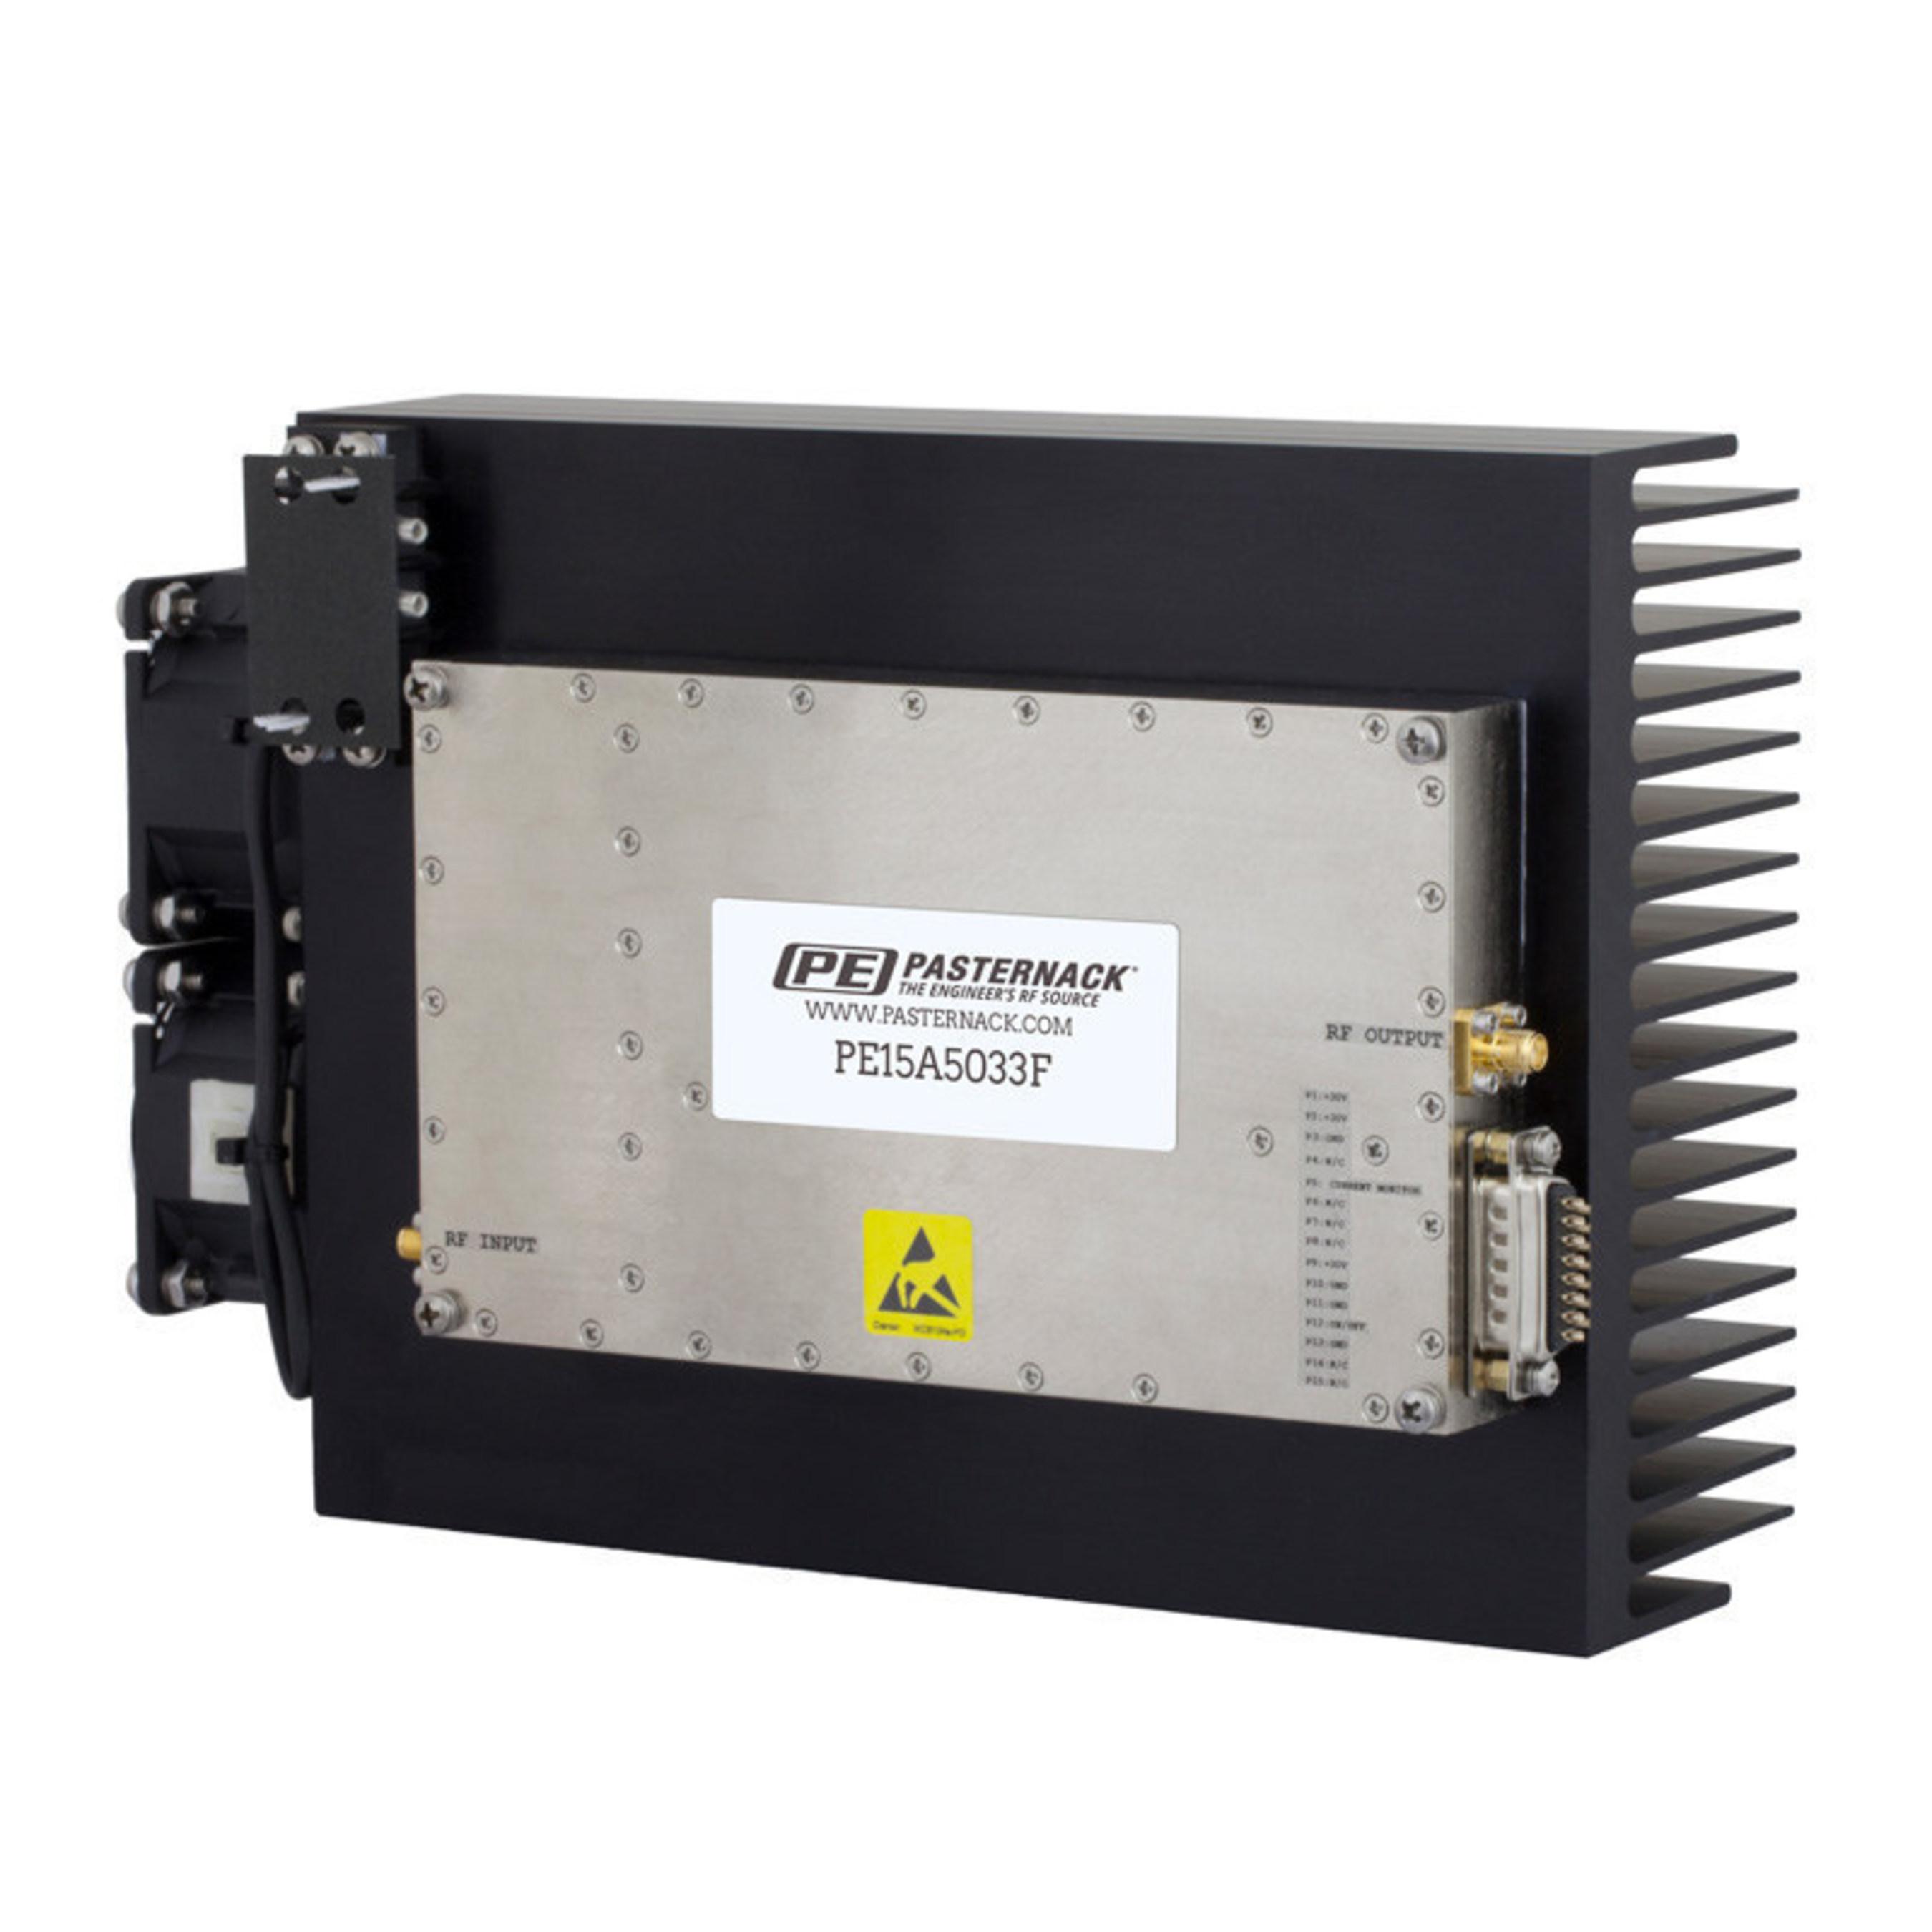 PE15A5033F High Power Amplifier